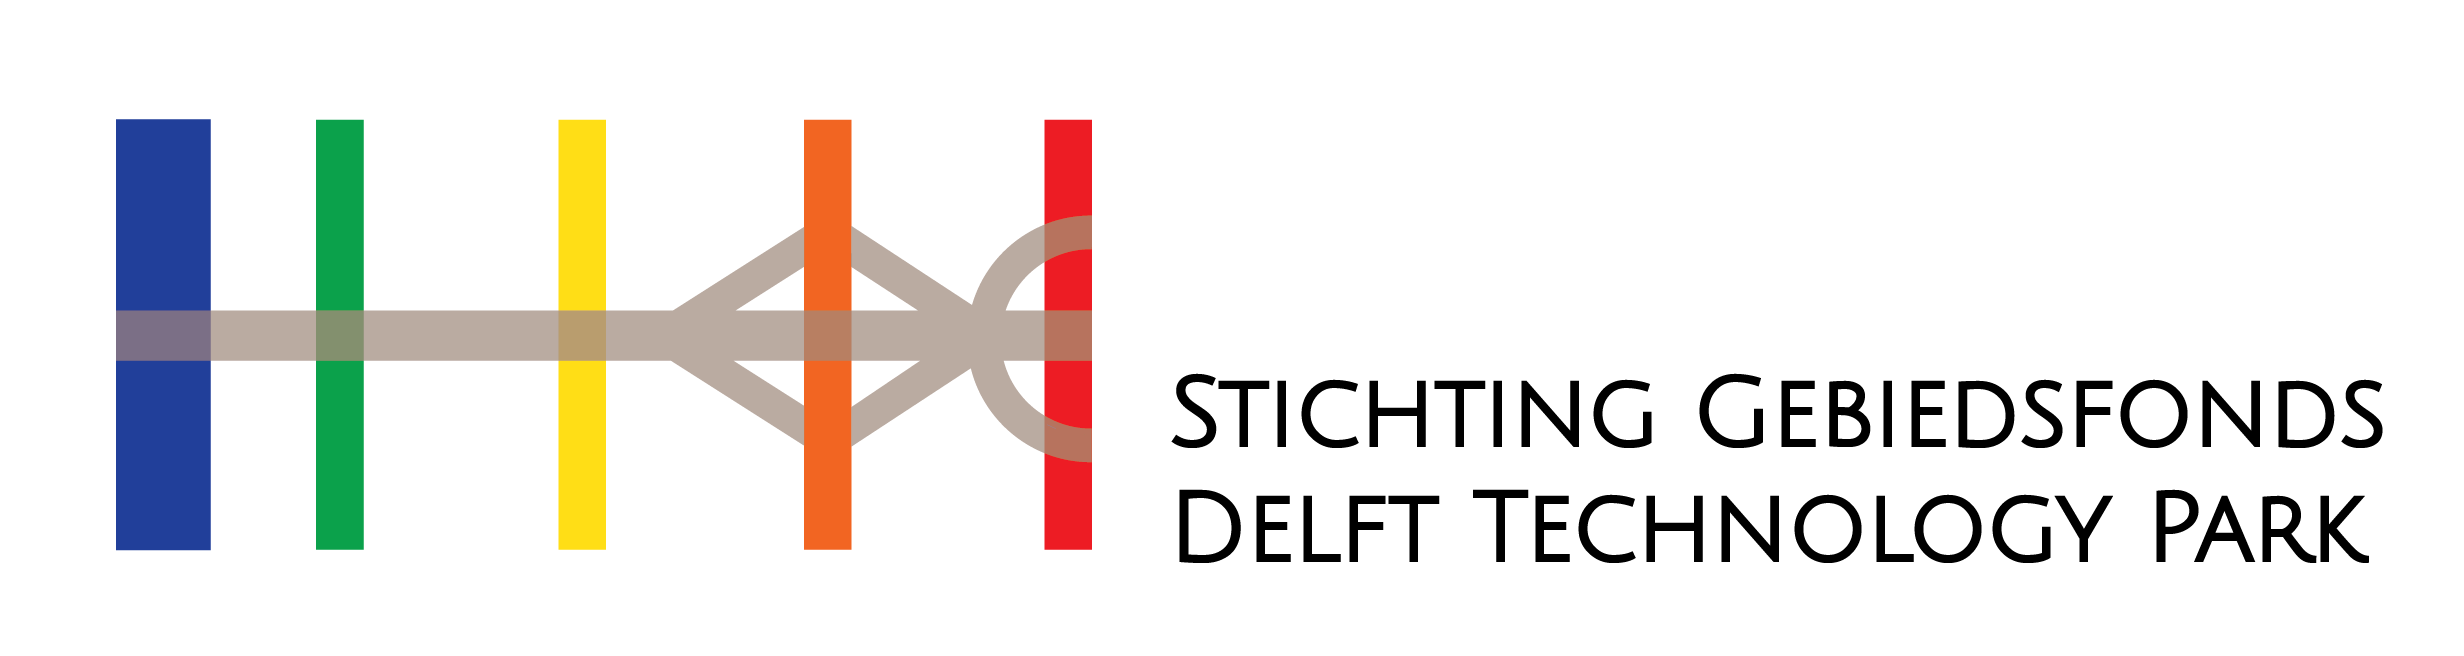 Gebiedsfonds Delft Technology Park